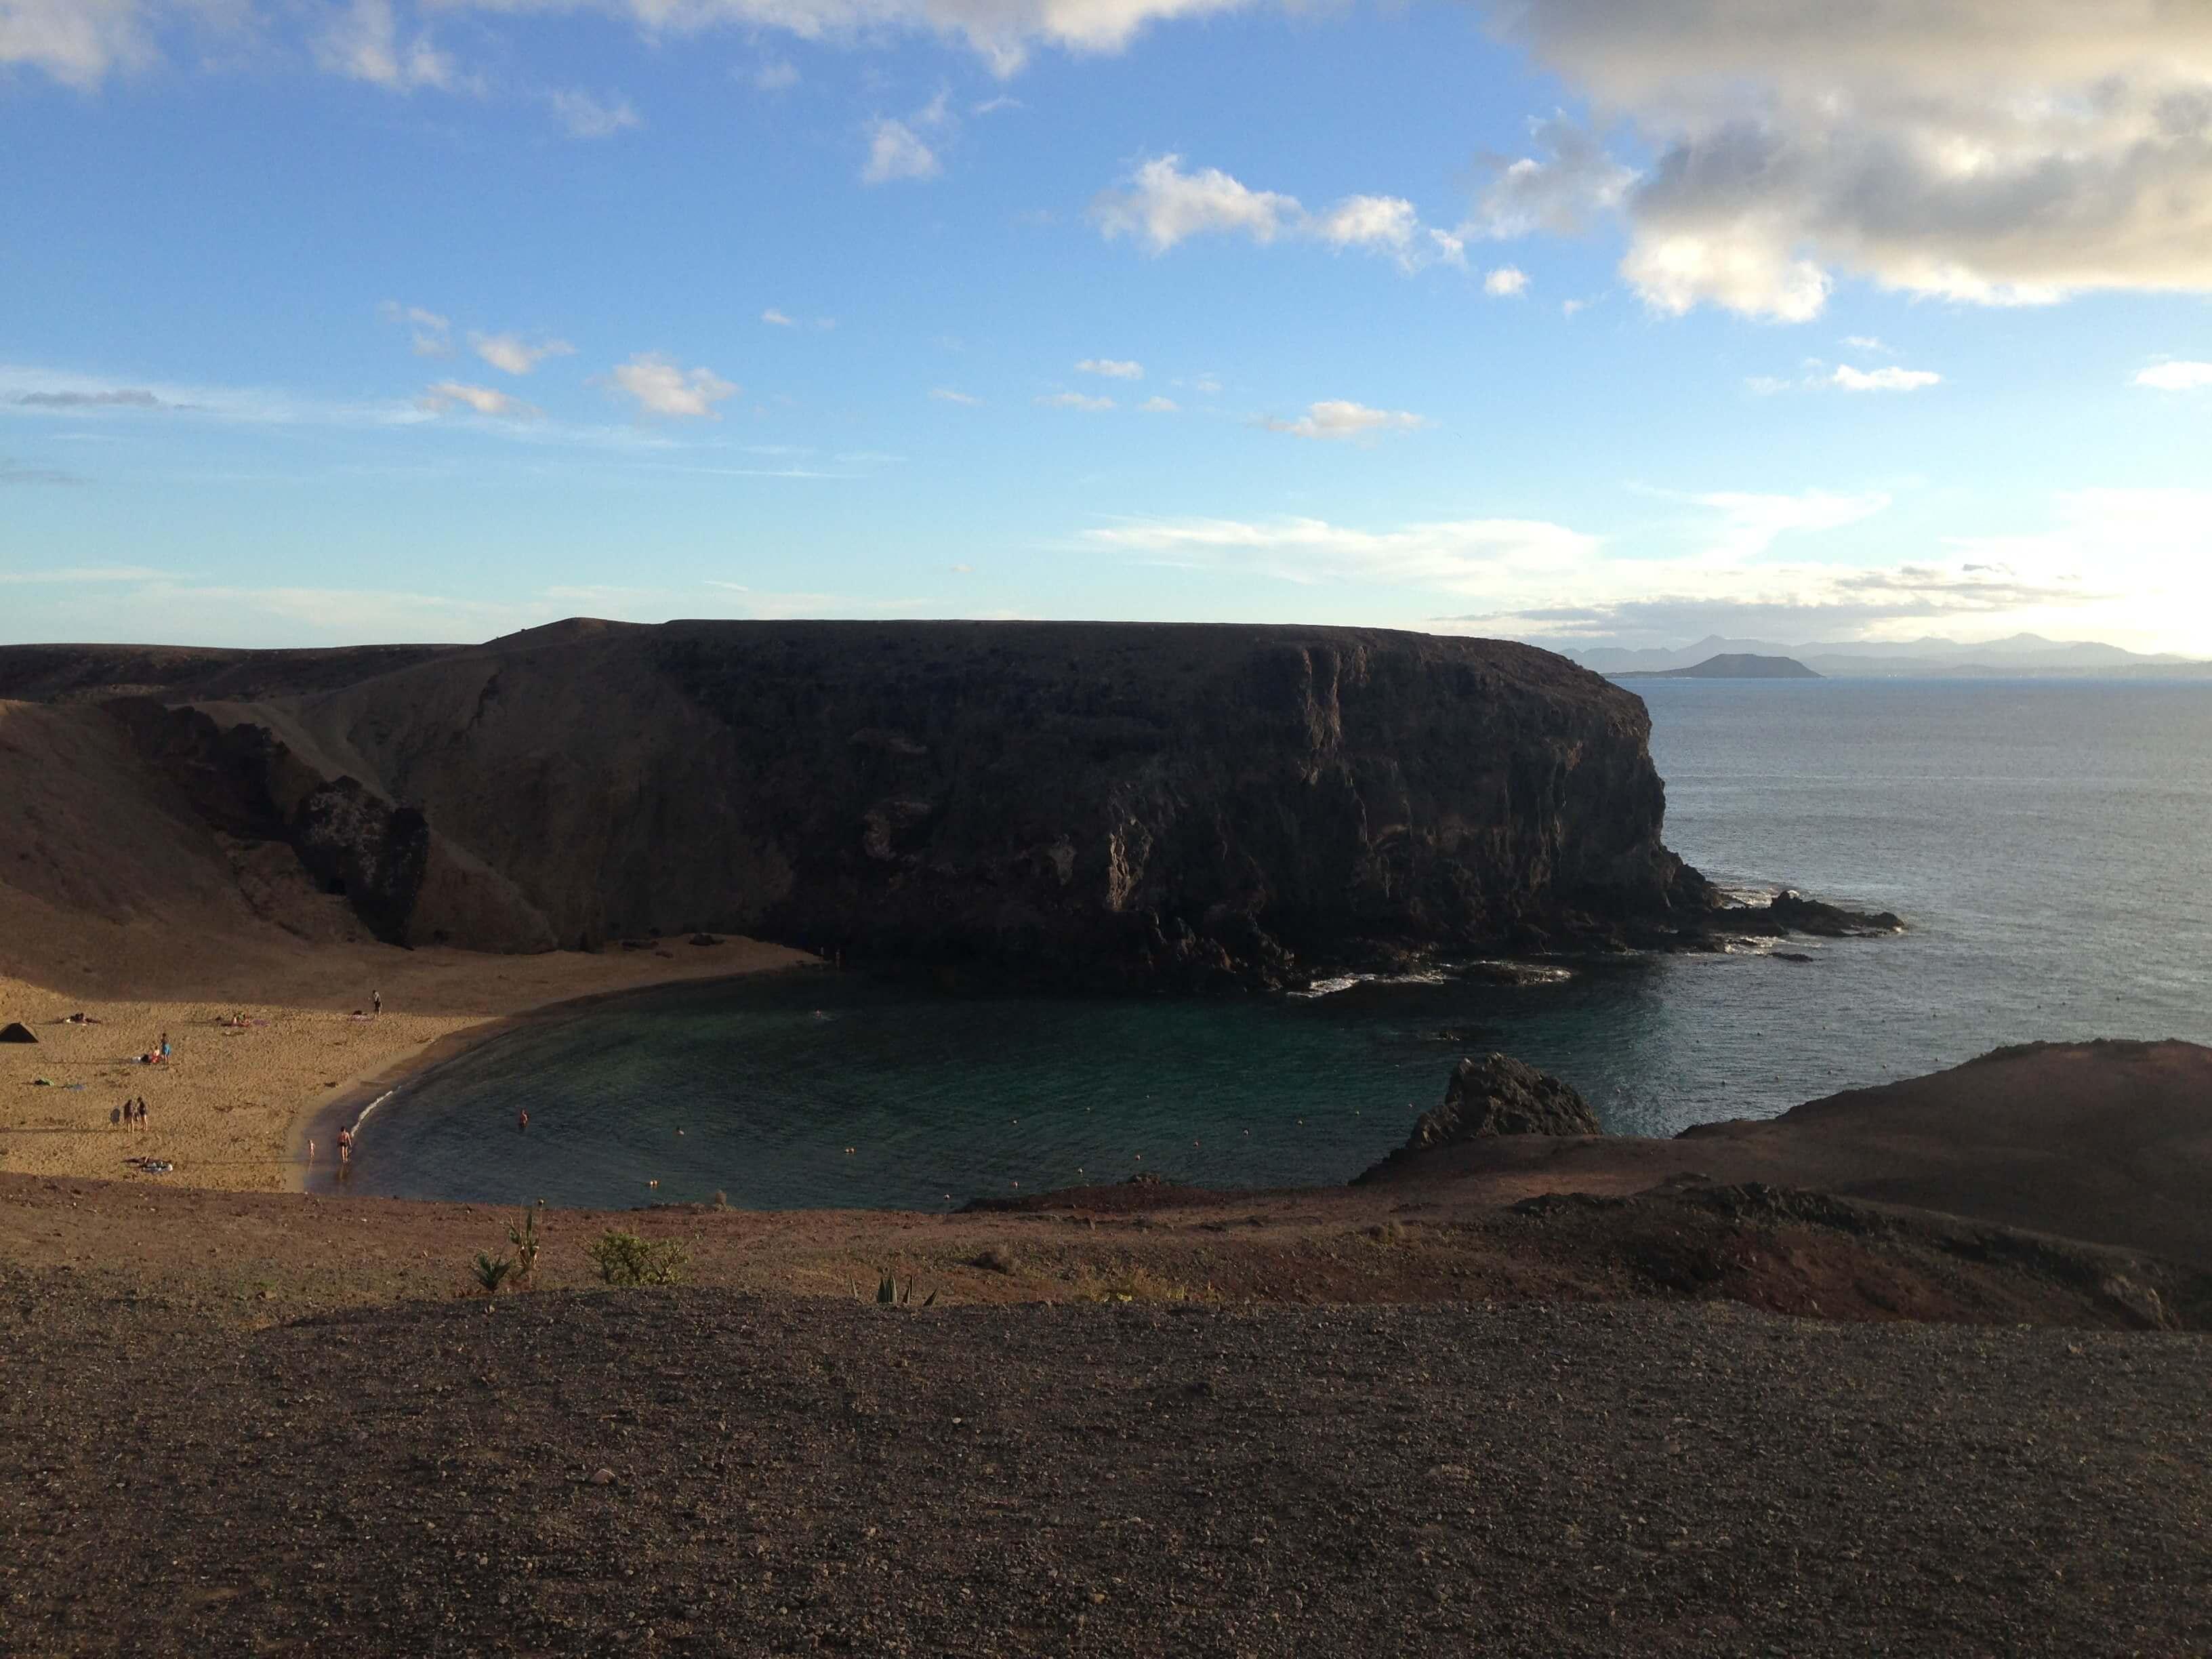 Playas del Papagayo Lanzarote